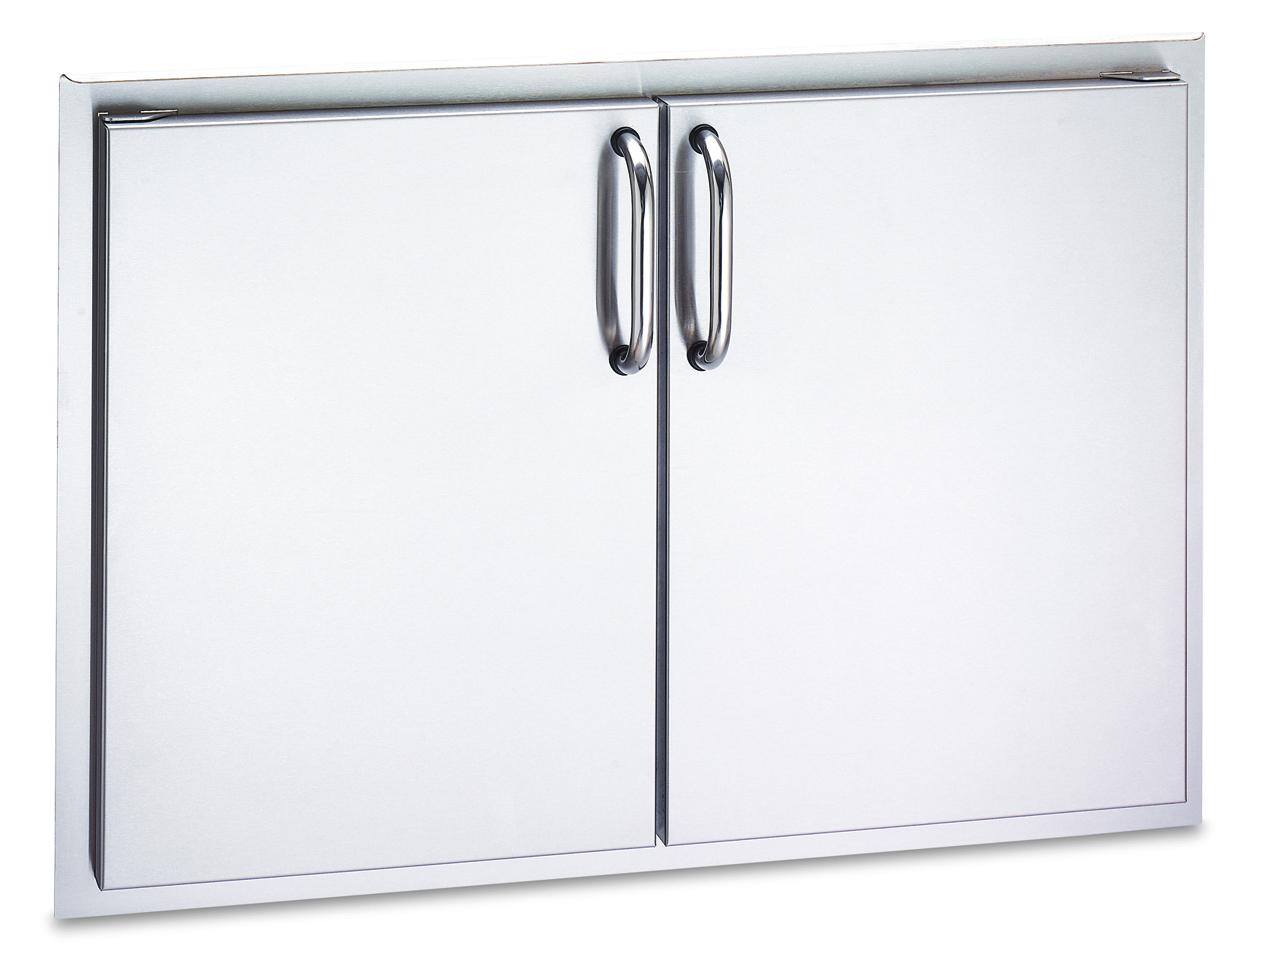 aog-20-30-ssd-20x30-double-storage-door.jpg